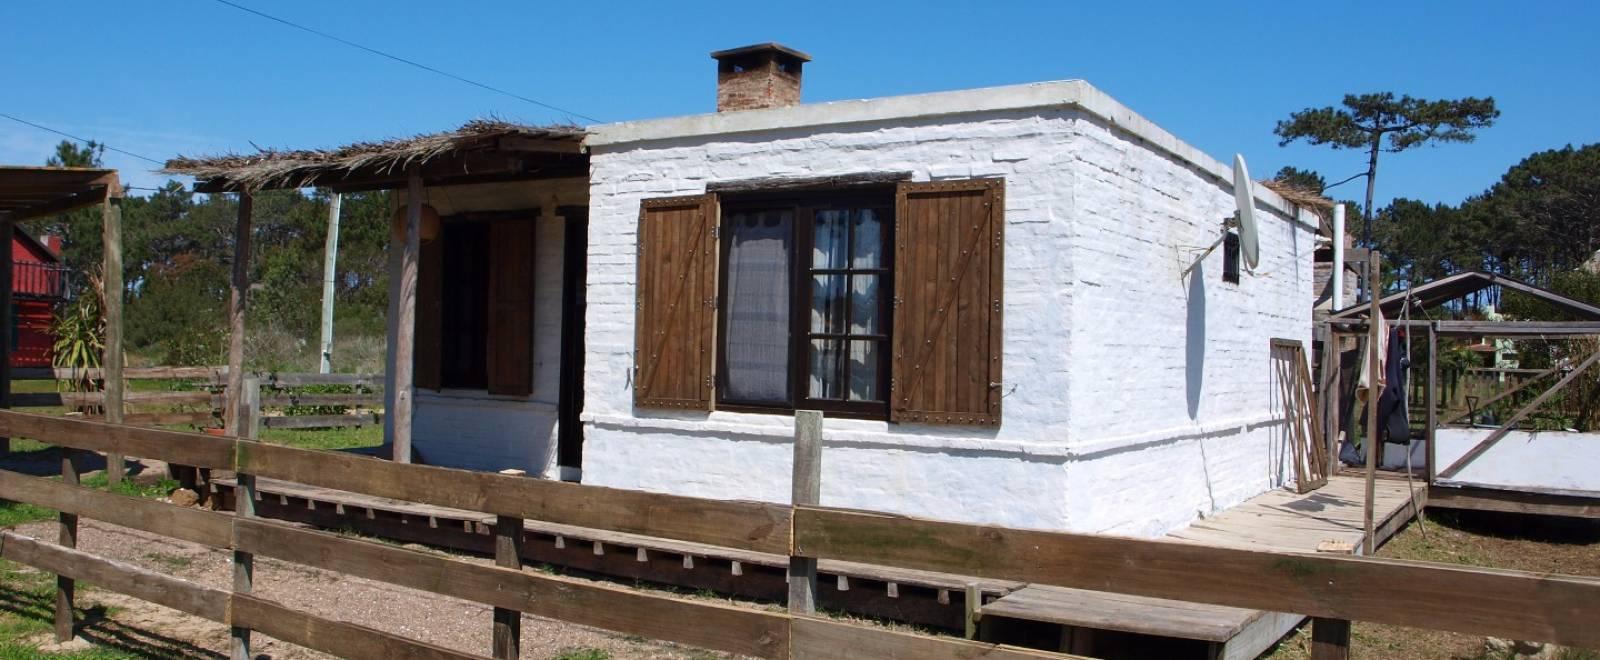 Casa en venta en playa serena del balneario la paloma for Inmobiliaria la casa